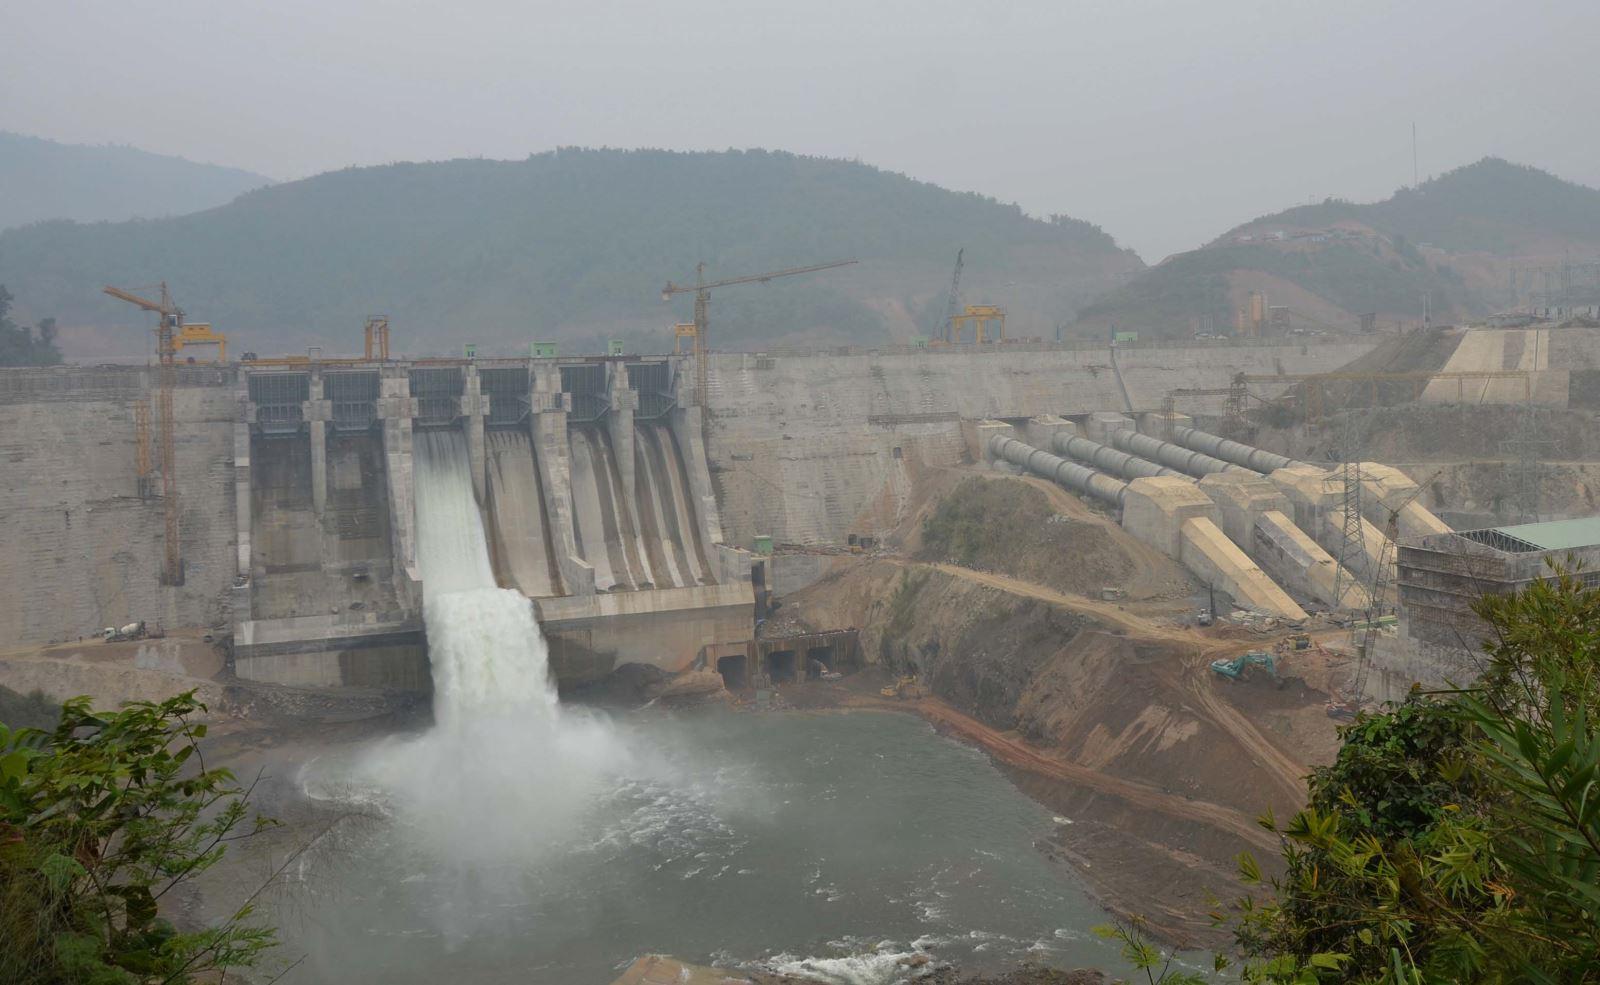 Tổ máy 1 Thủy điện Trung Sơn chính thức hòa lưới điện quốc gia